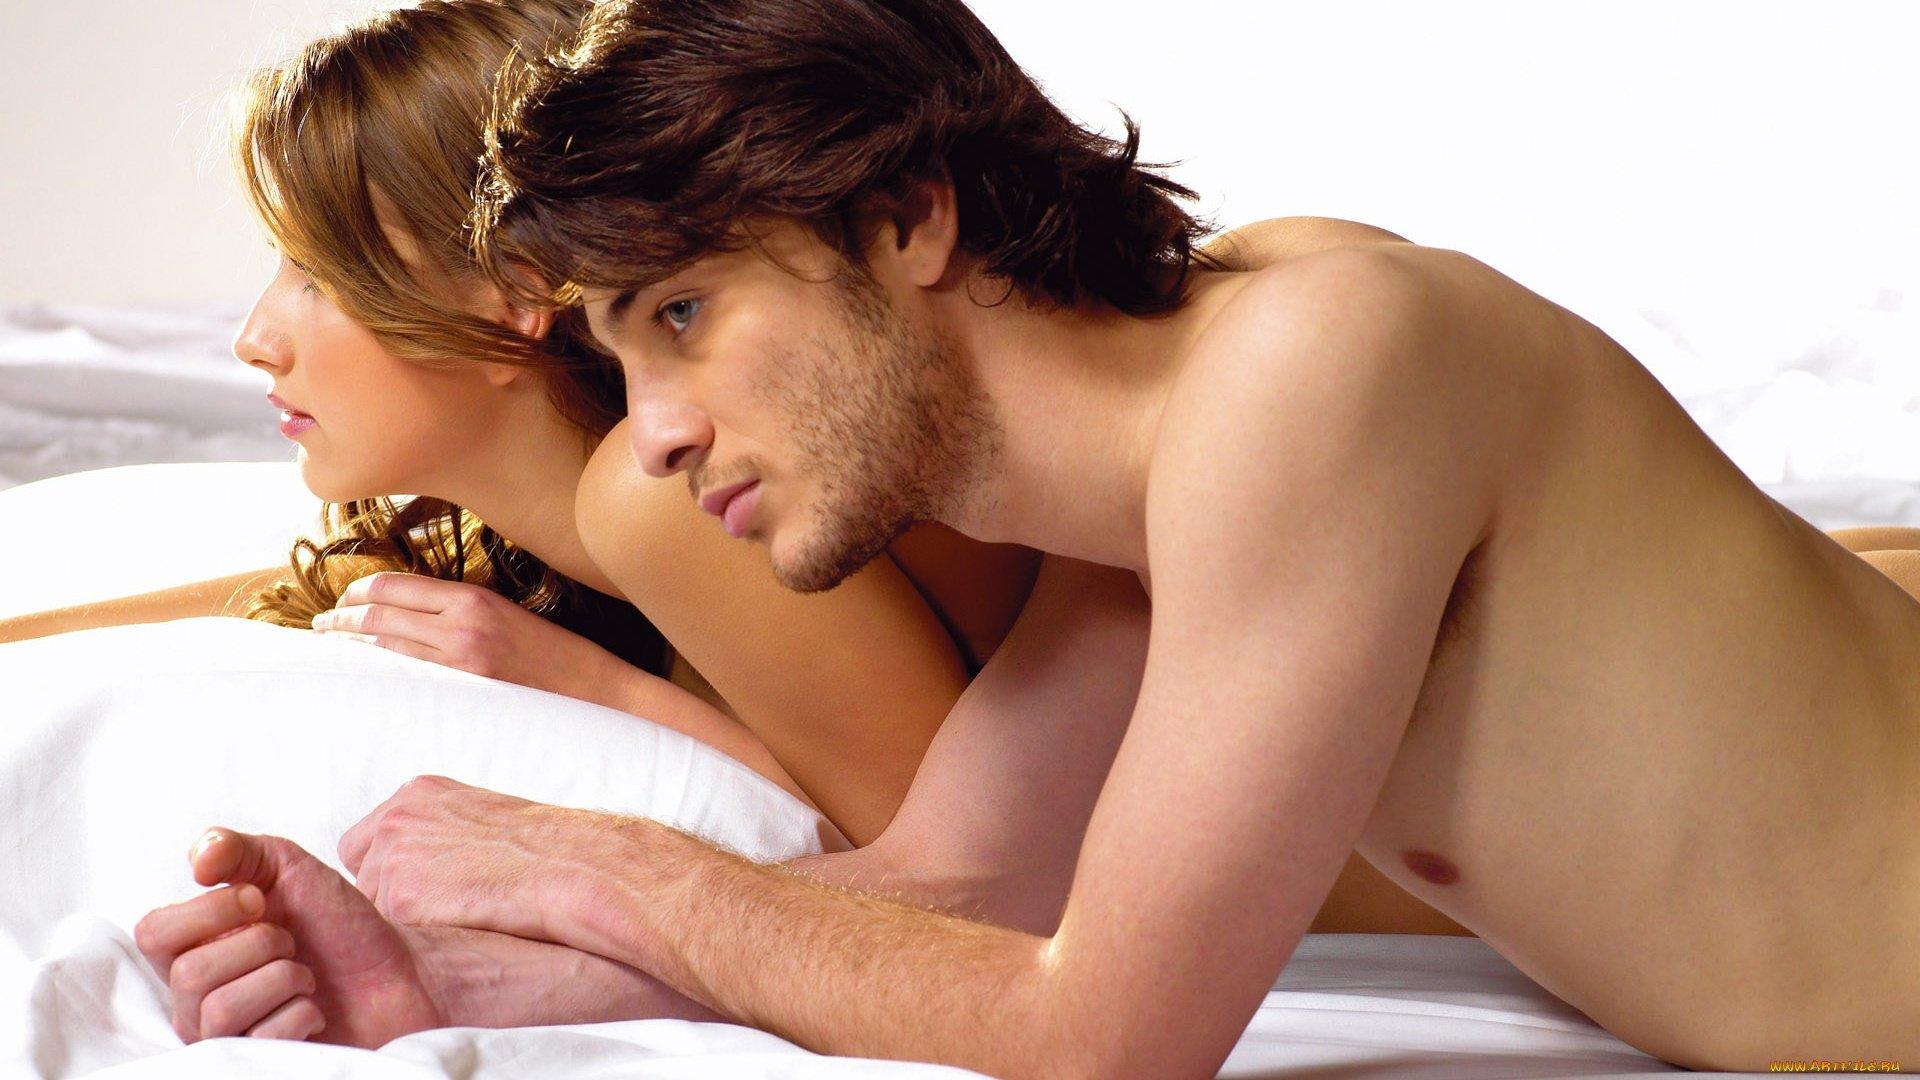 Фото интимные сексуальные, Красивые интимные фото девушек и женщин смотреть 19 фотография